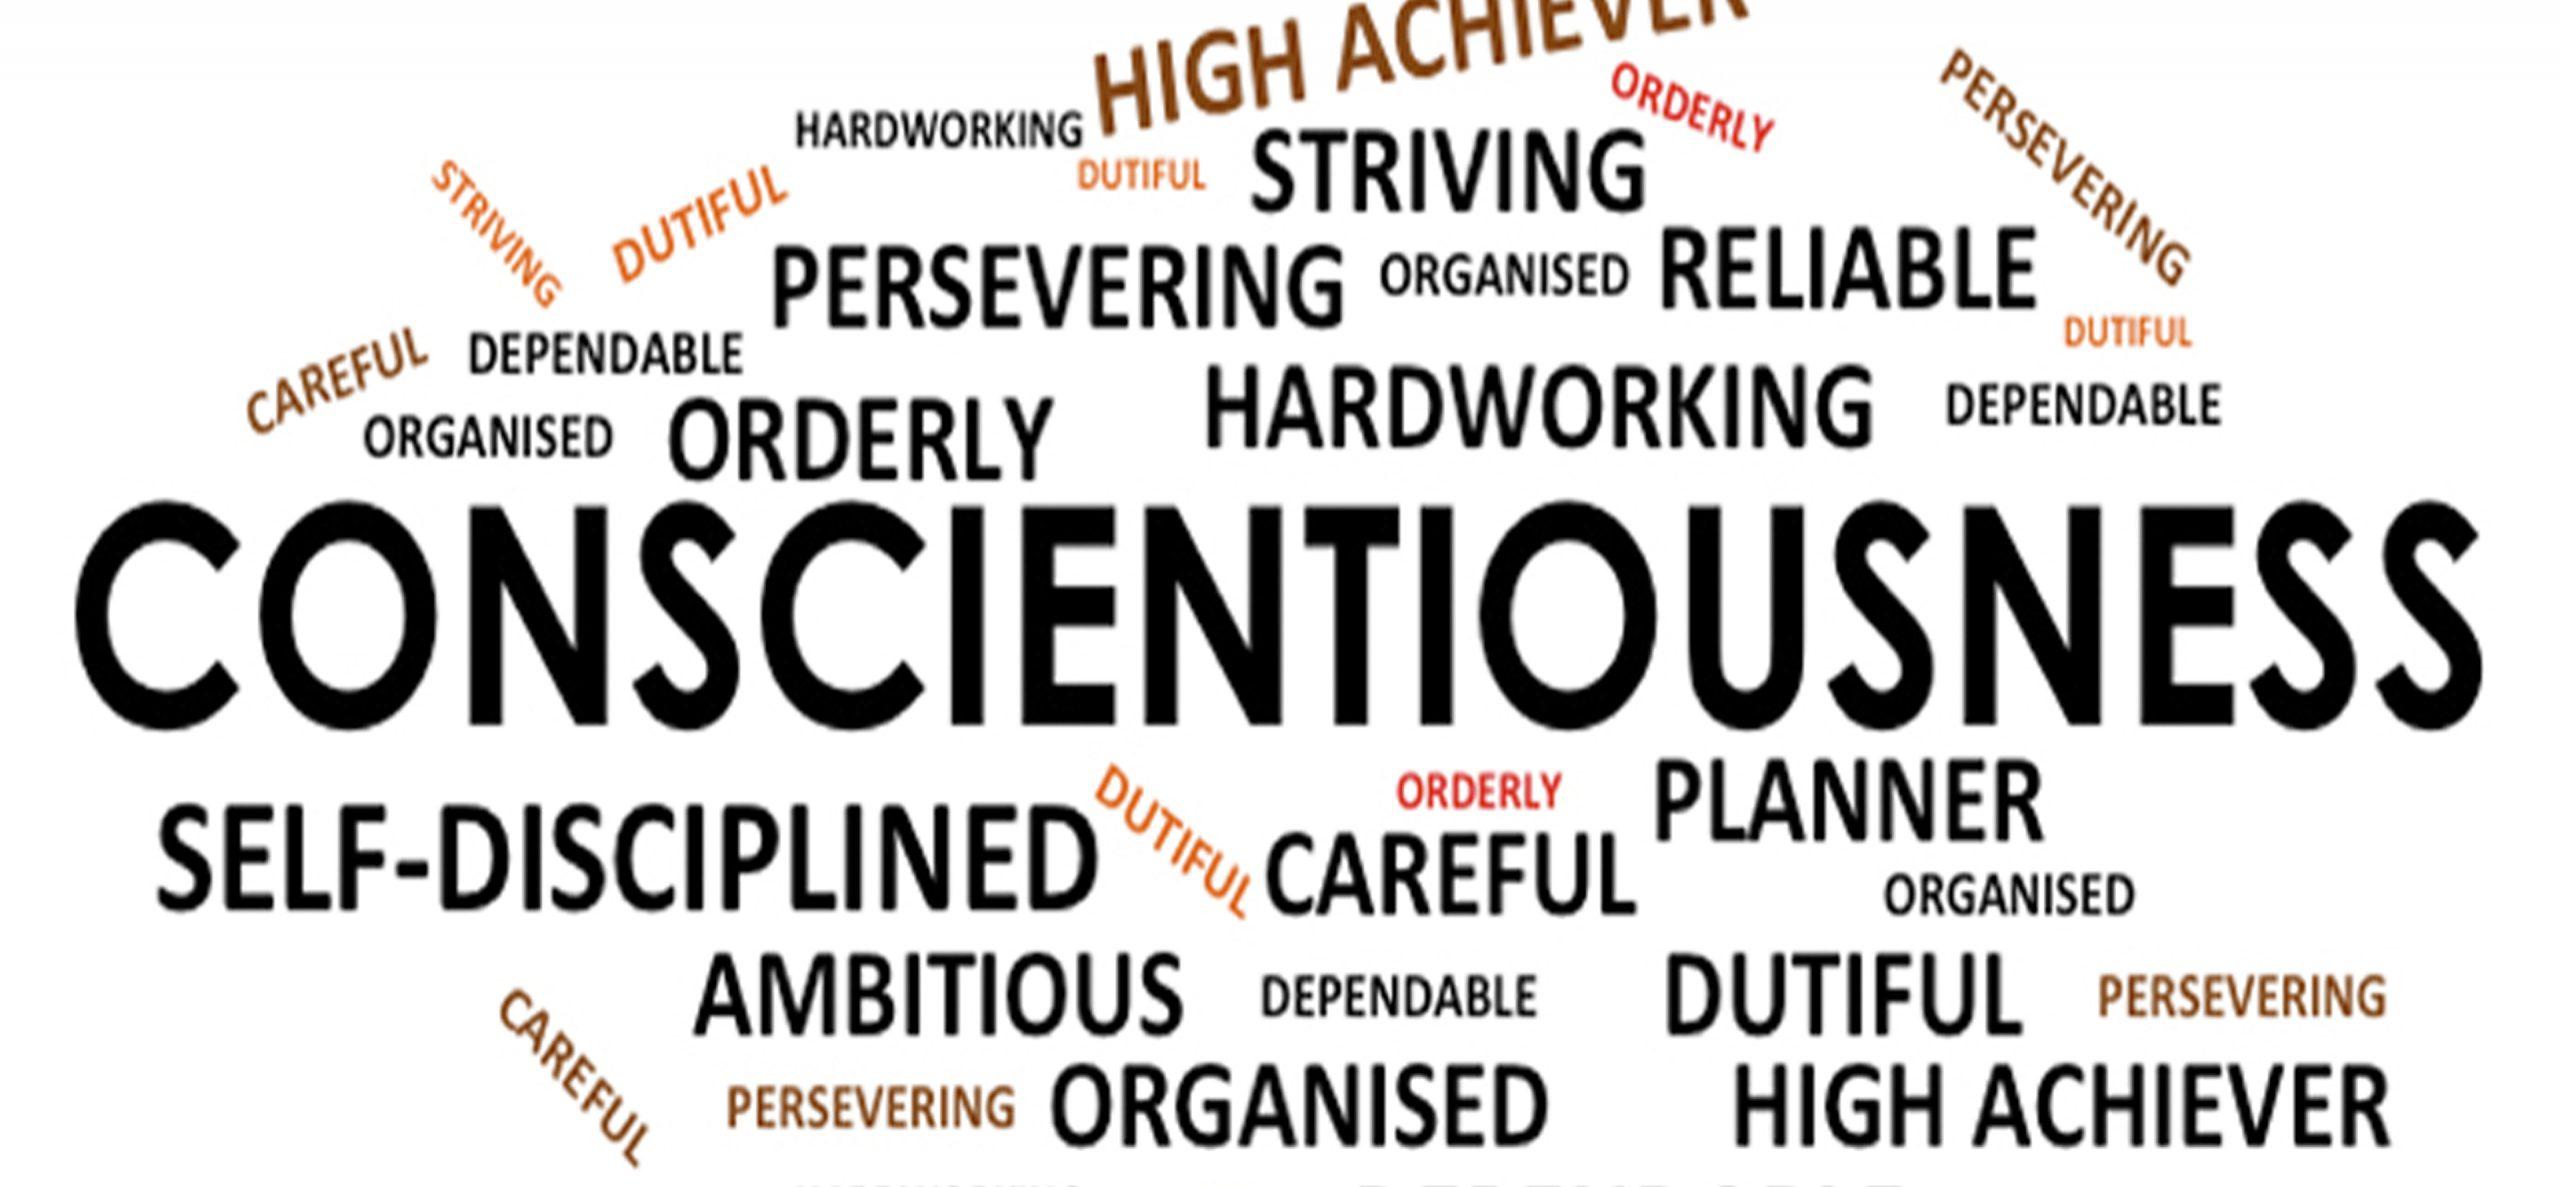 Viktigheten av Conscientiousness (målbevissthet) i arbeidslivet